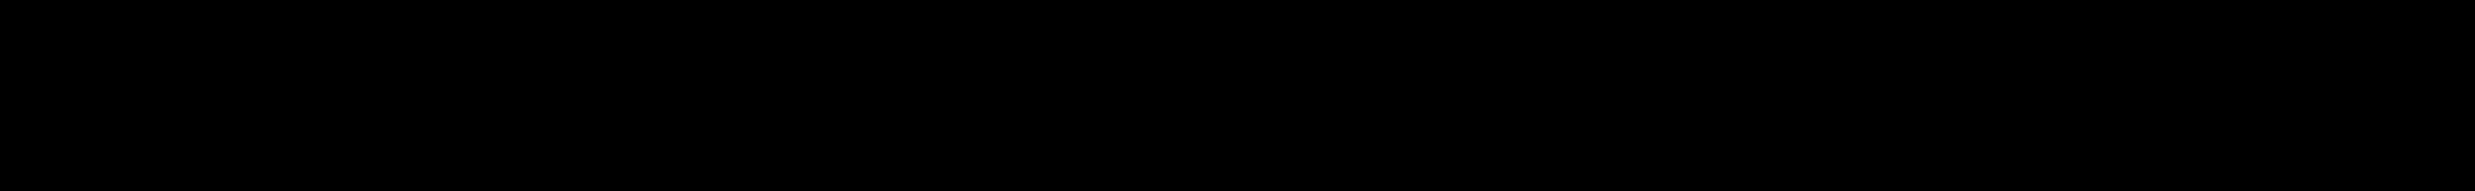 Santiago BTN Light Oblique